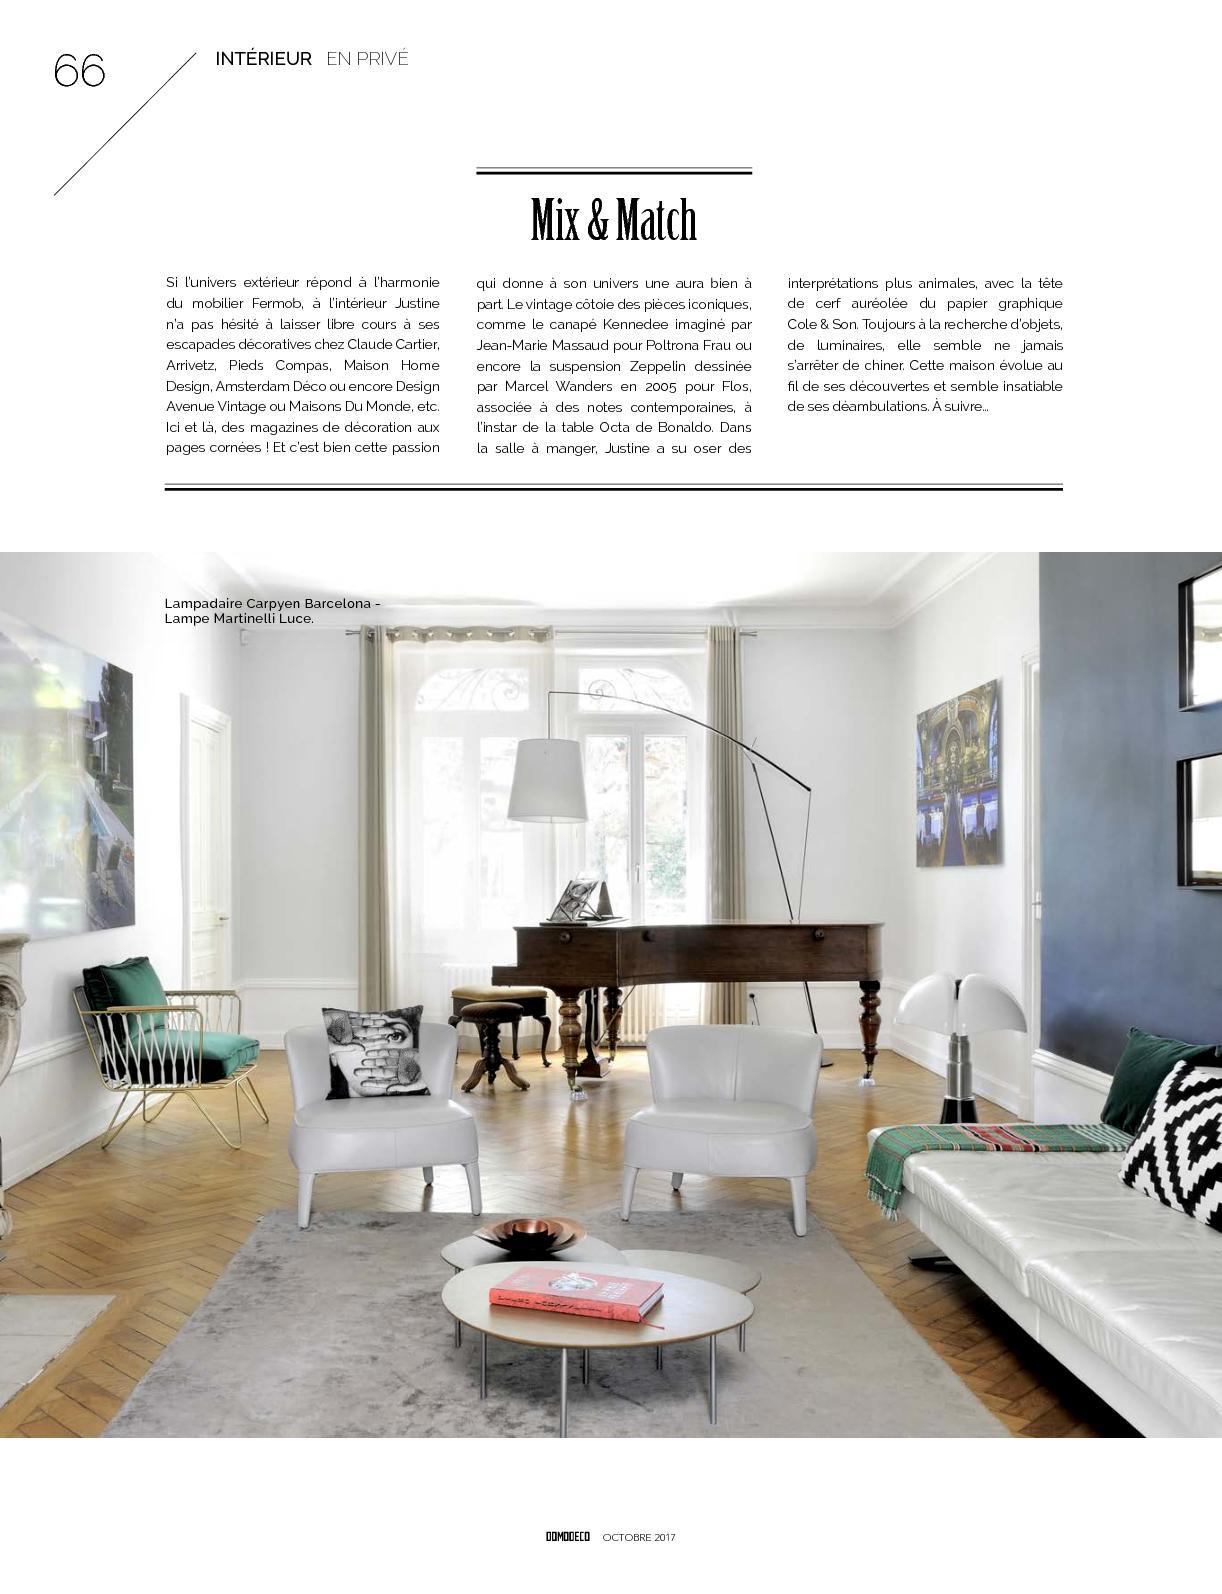 lit stockholm maison du monde coffre bout de lit maison du monde download by tablet desktop. Black Bedroom Furniture Sets. Home Design Ideas